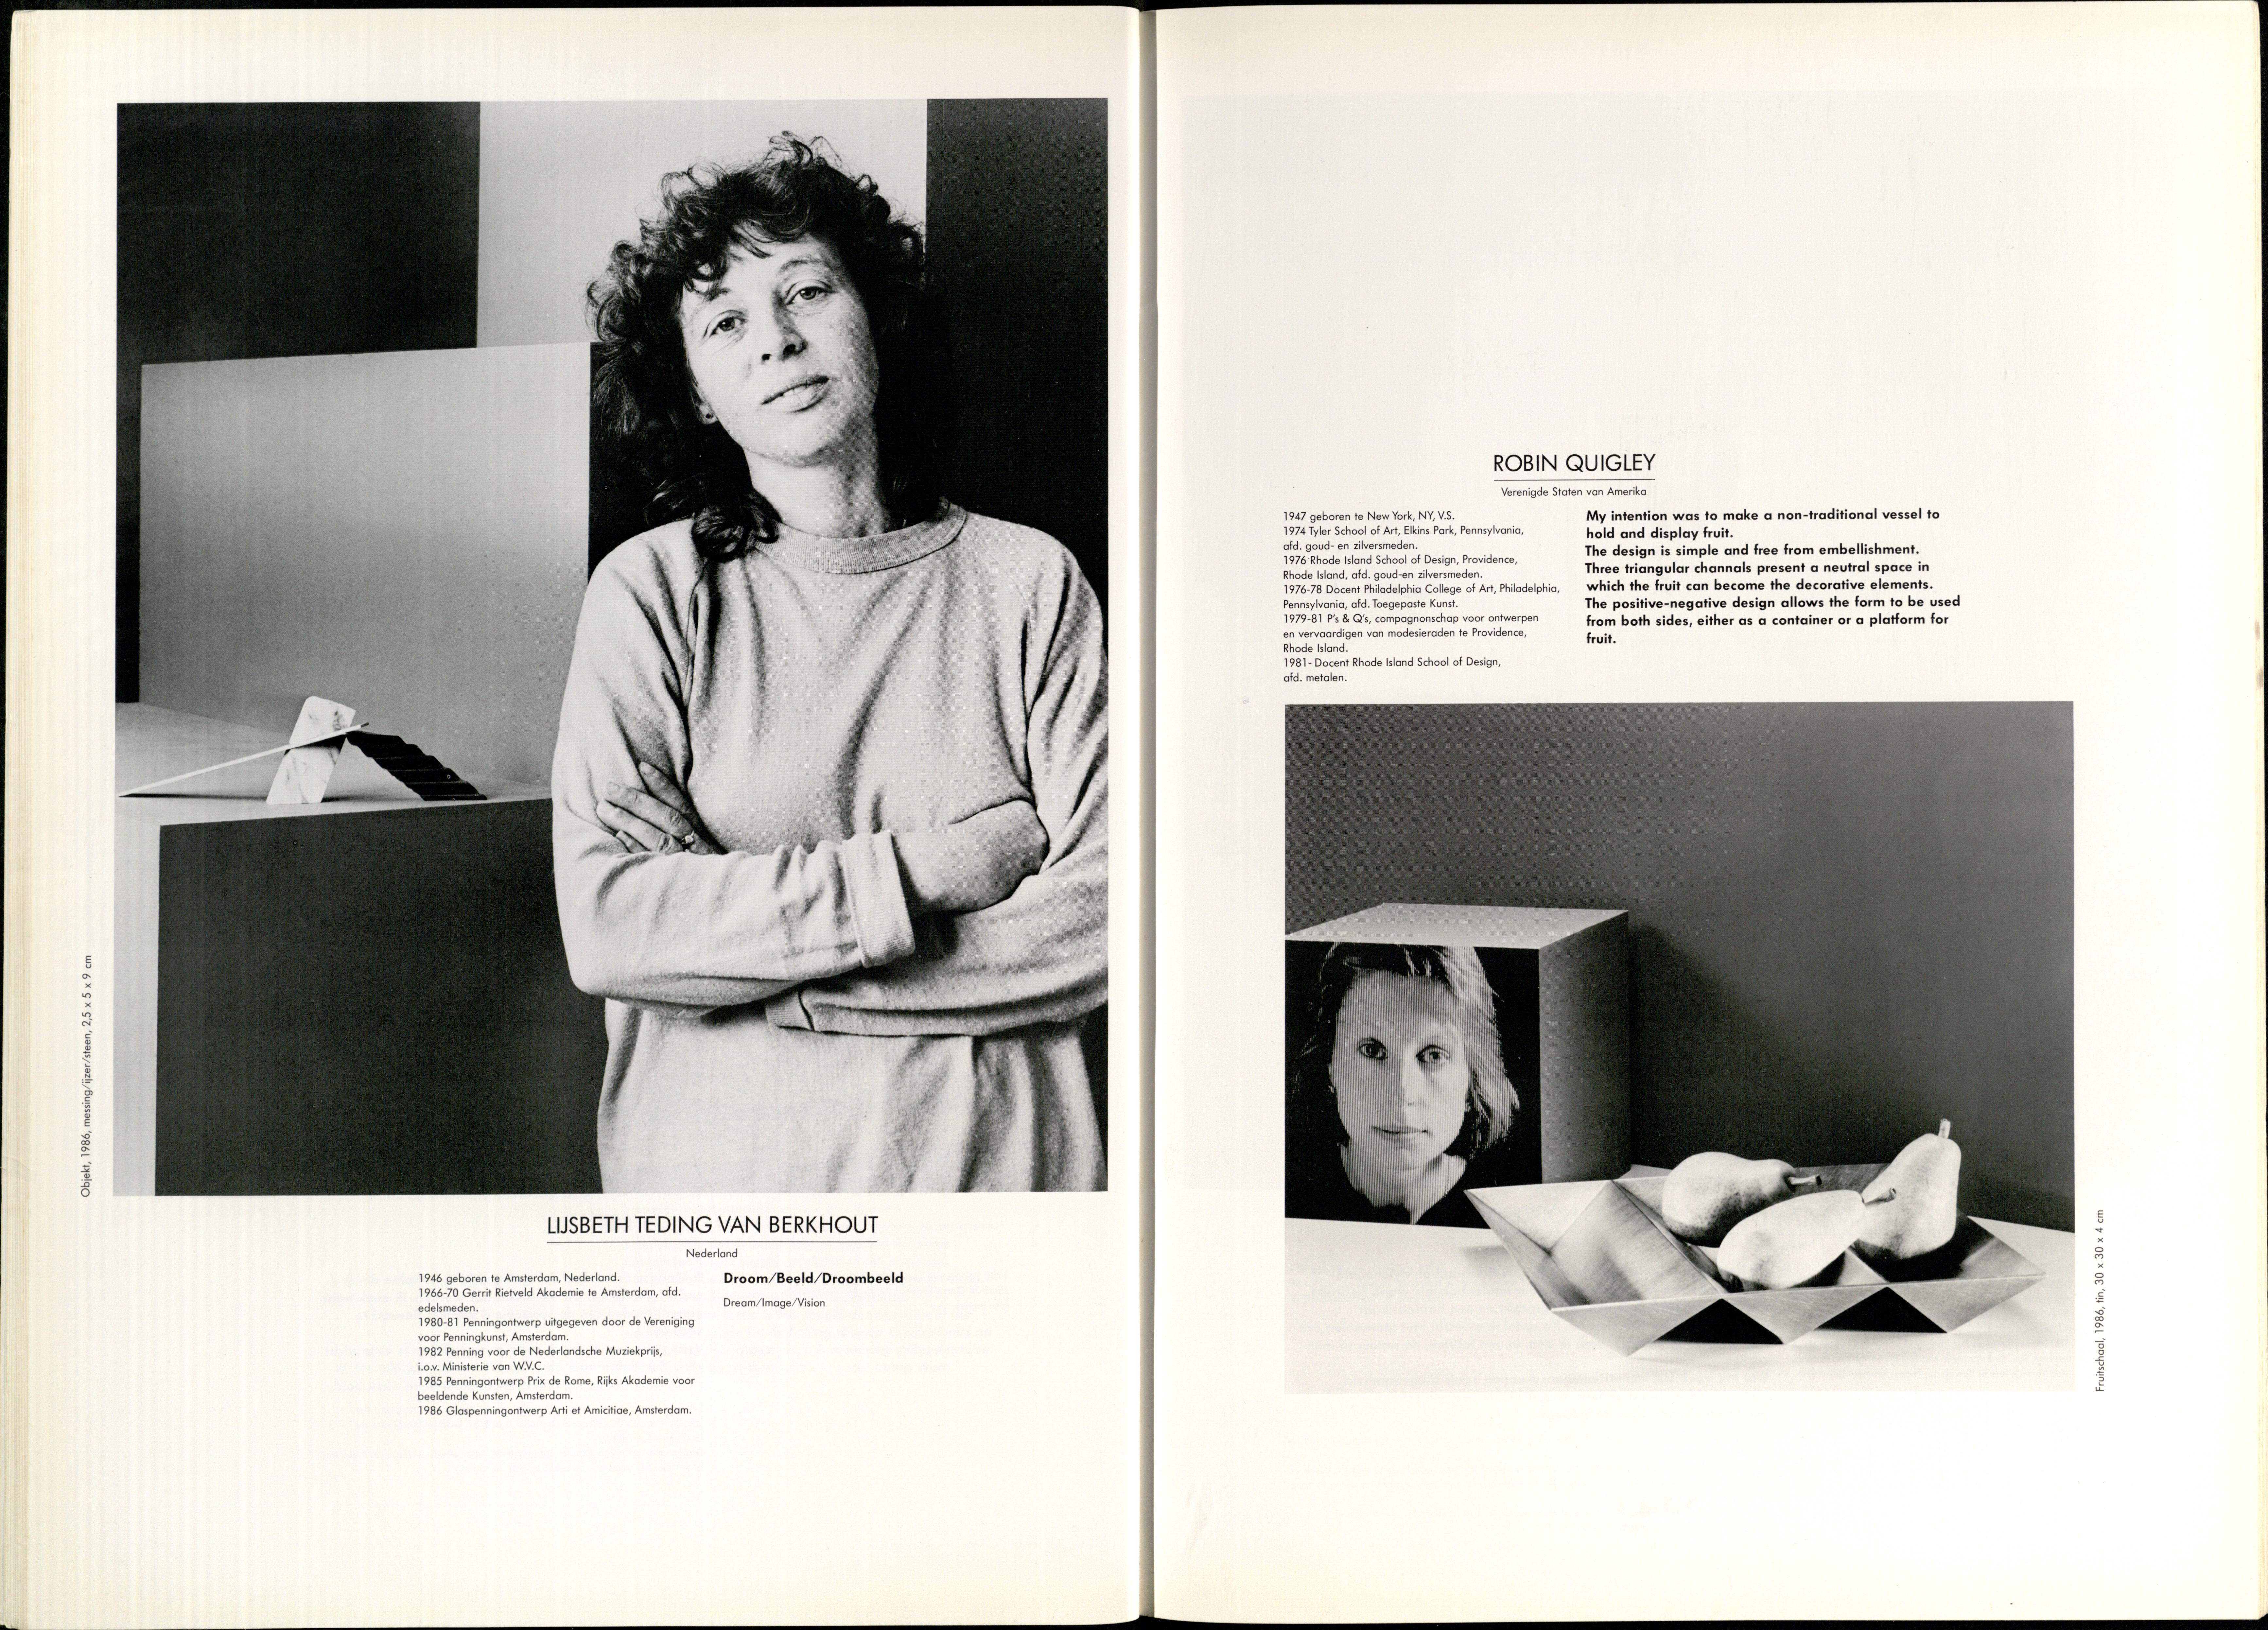 10 Jaar Ra, bladzijde 28 en 29, Lijsbeth Teding van Berkhout en Robin Quigley, 1986, foto's Anna Beeke, drukwerk, papier, portret,